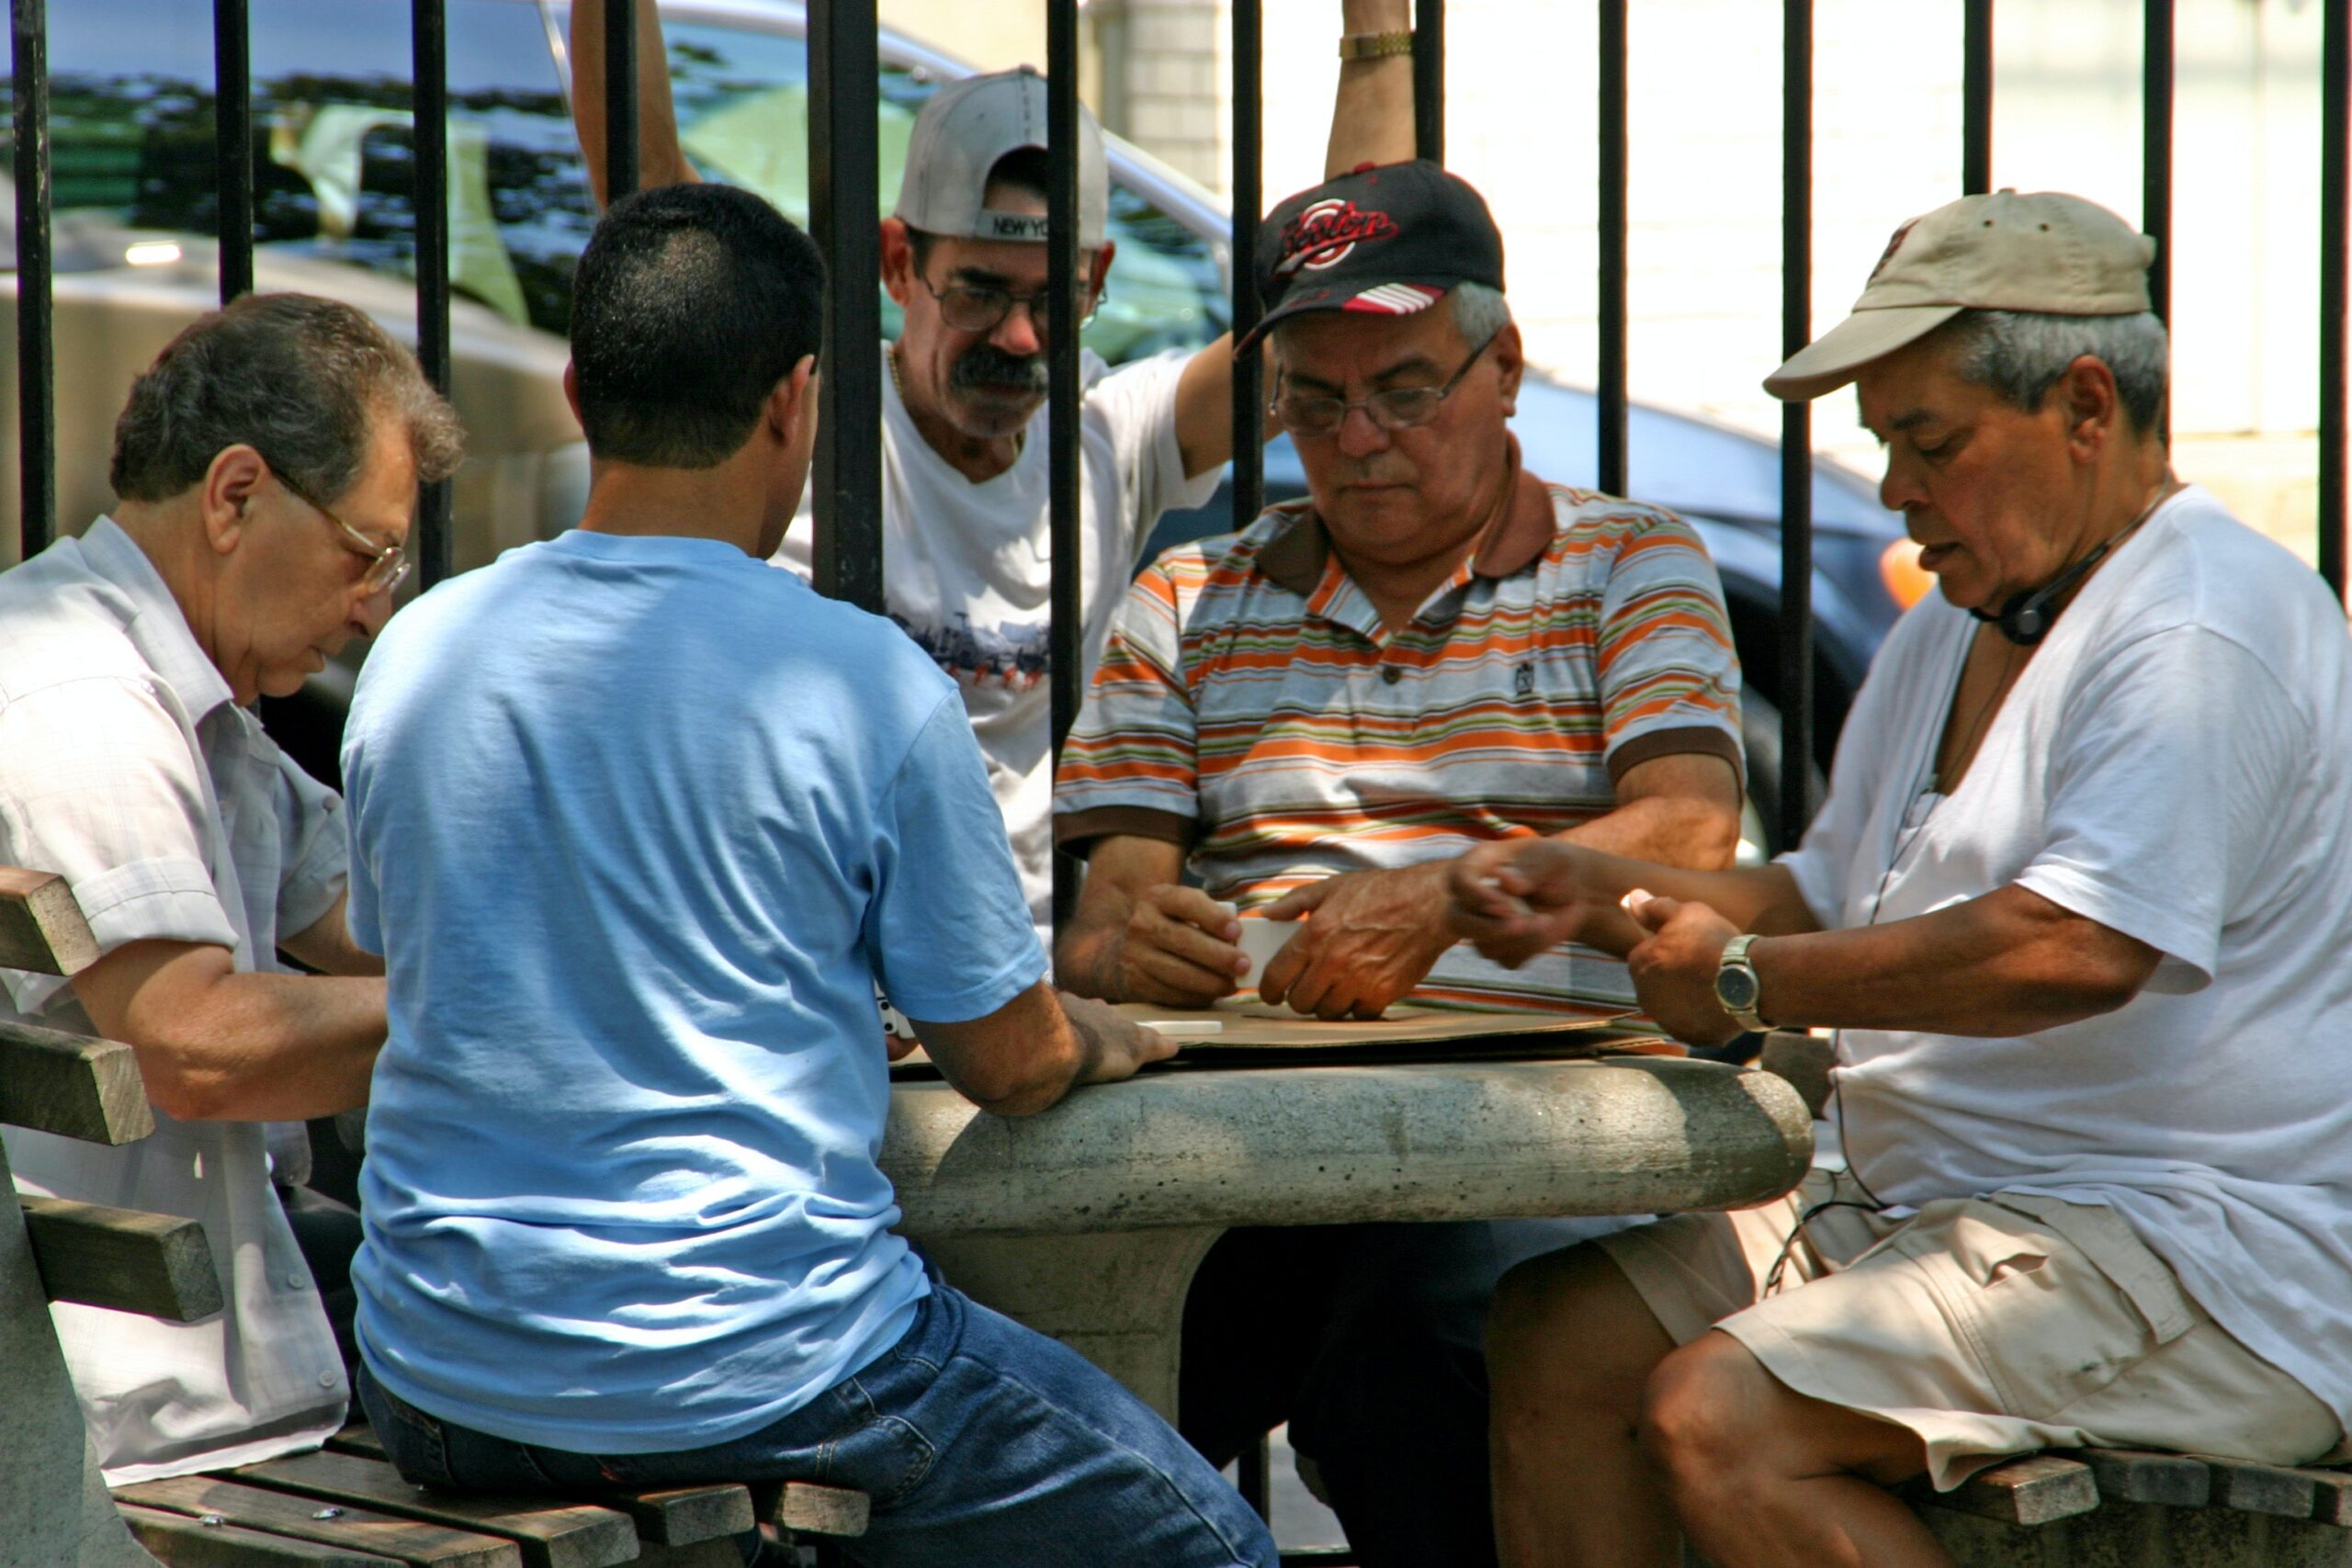 Uno dei divertimenti che da sempre occupa un ruolo principale nel tempo libero degli italiani è sicuramente il gioco di carte.